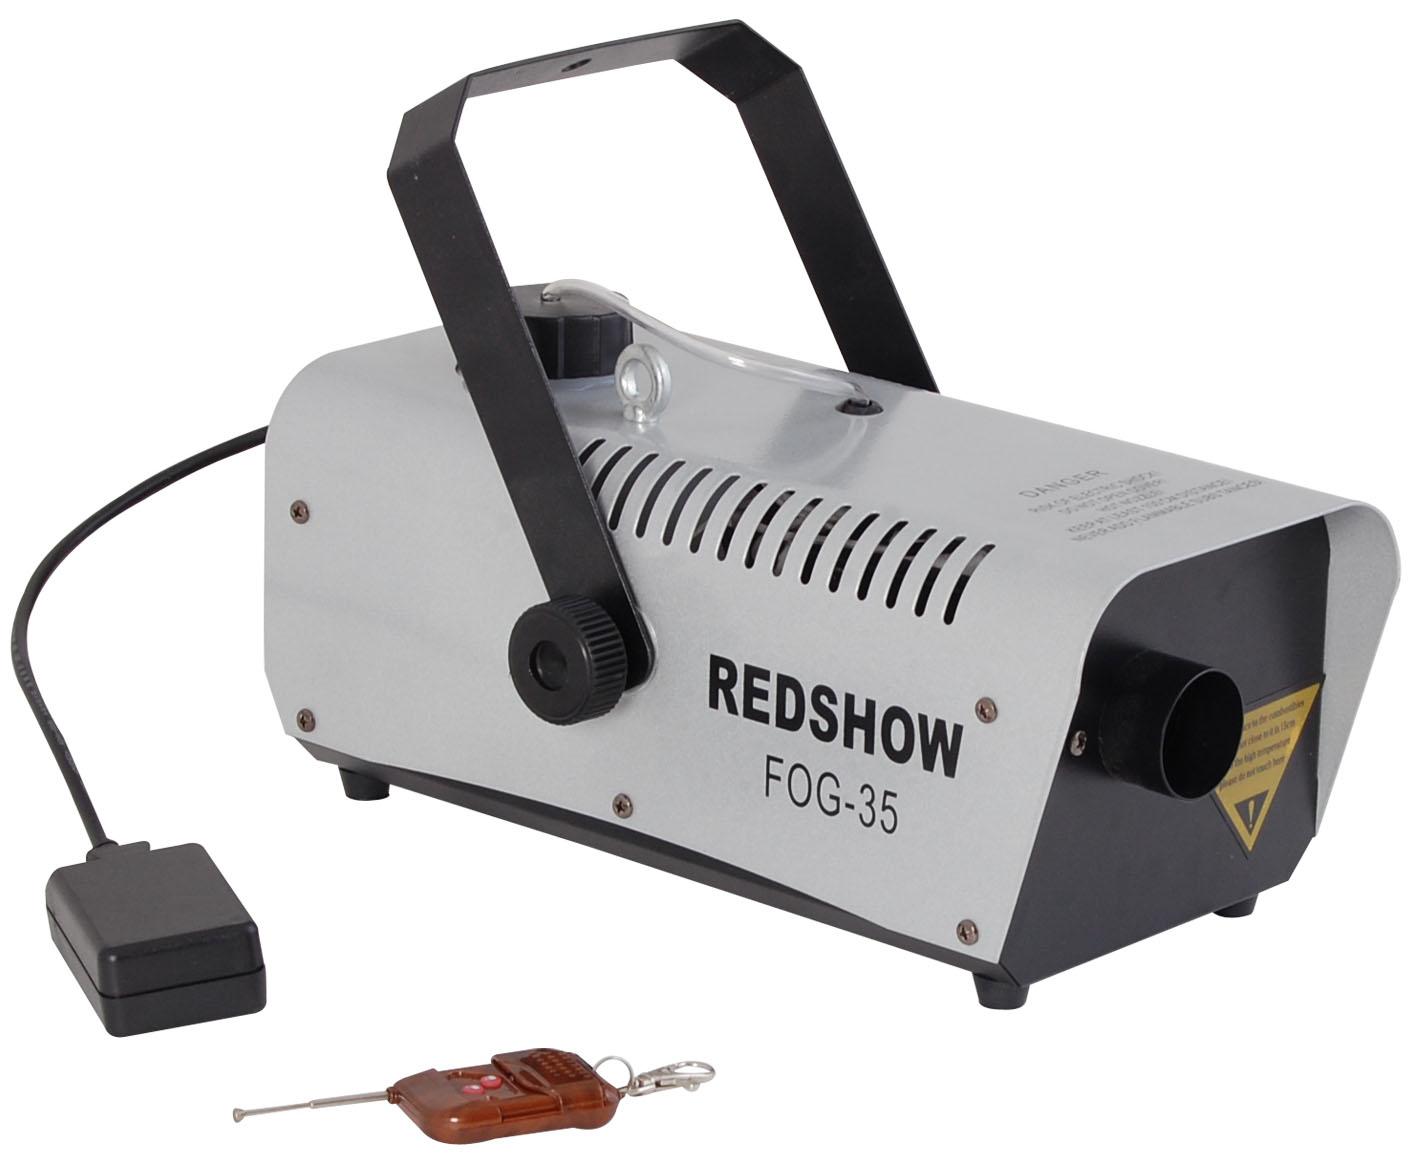 Redshow FOG-35 røgmaskine